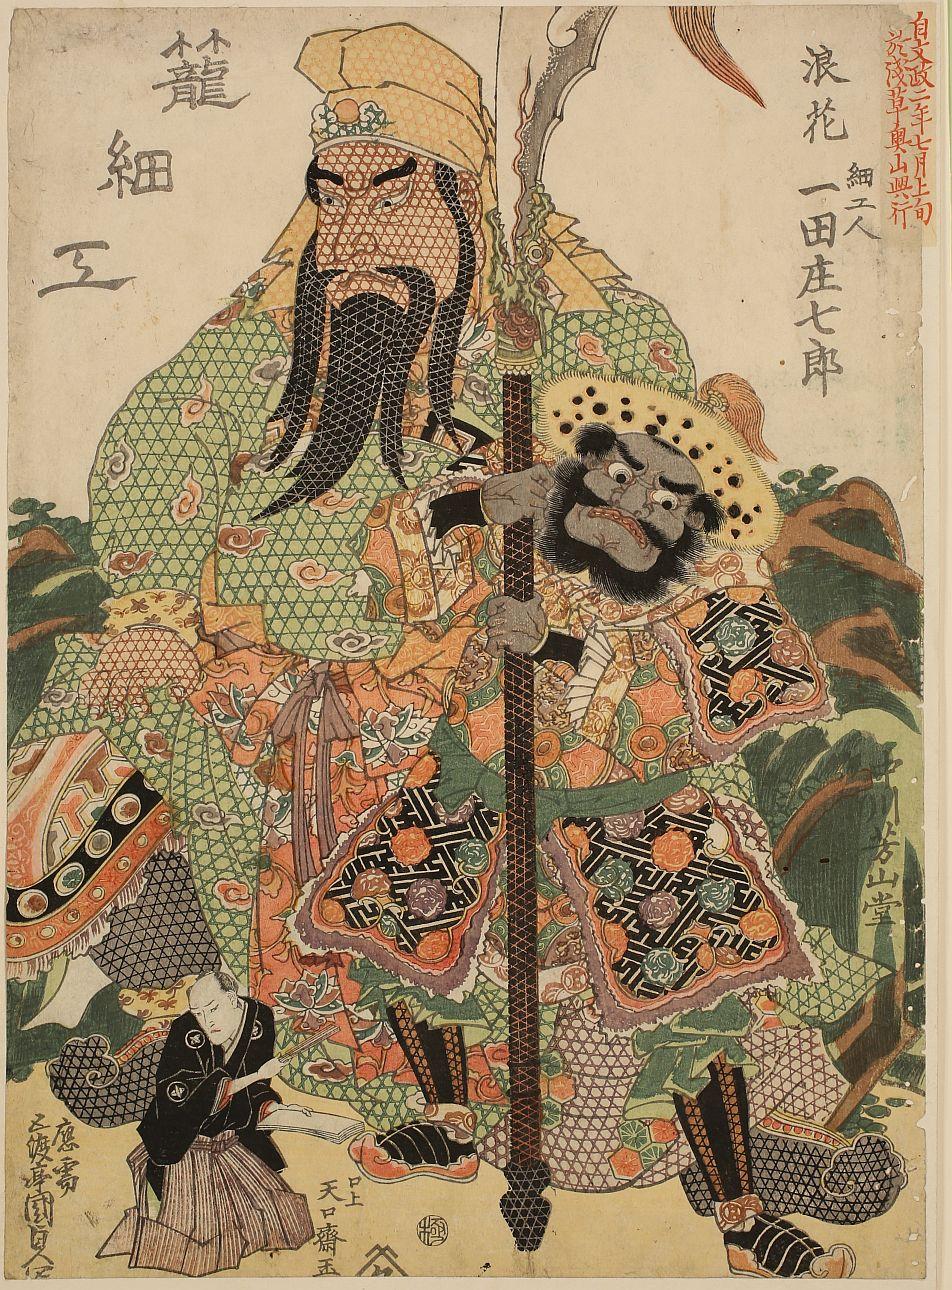 一田庄七郎 籠細工 関羽と周倉 国貞 筆 文政2年7月(1819)